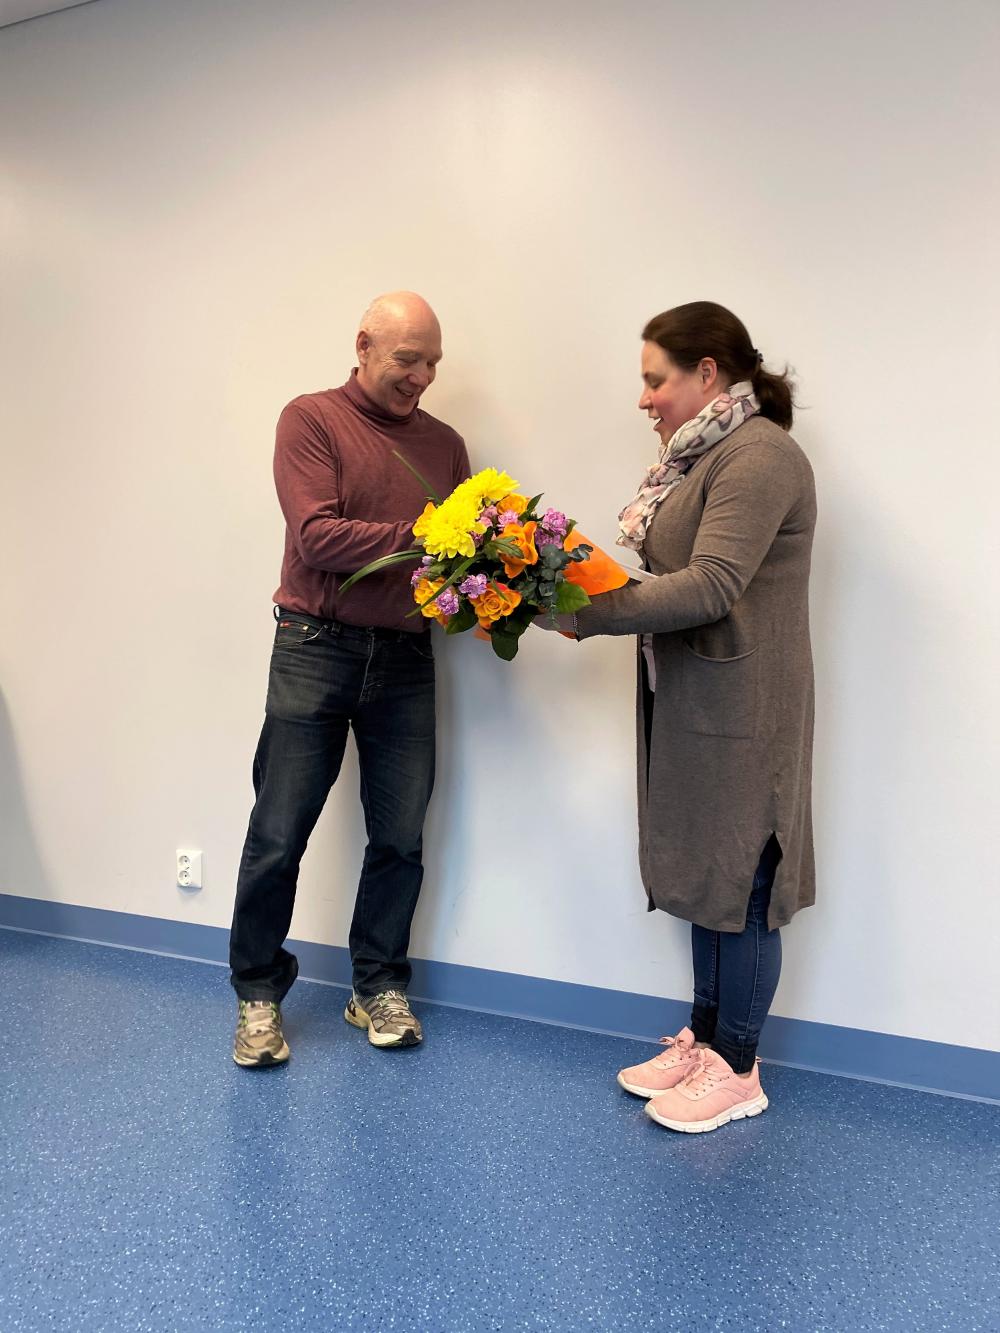 Puheenjohtaja Niina Kärki ojensi kunniamerkin, kellon ja kukat Herkko Sottiselle.